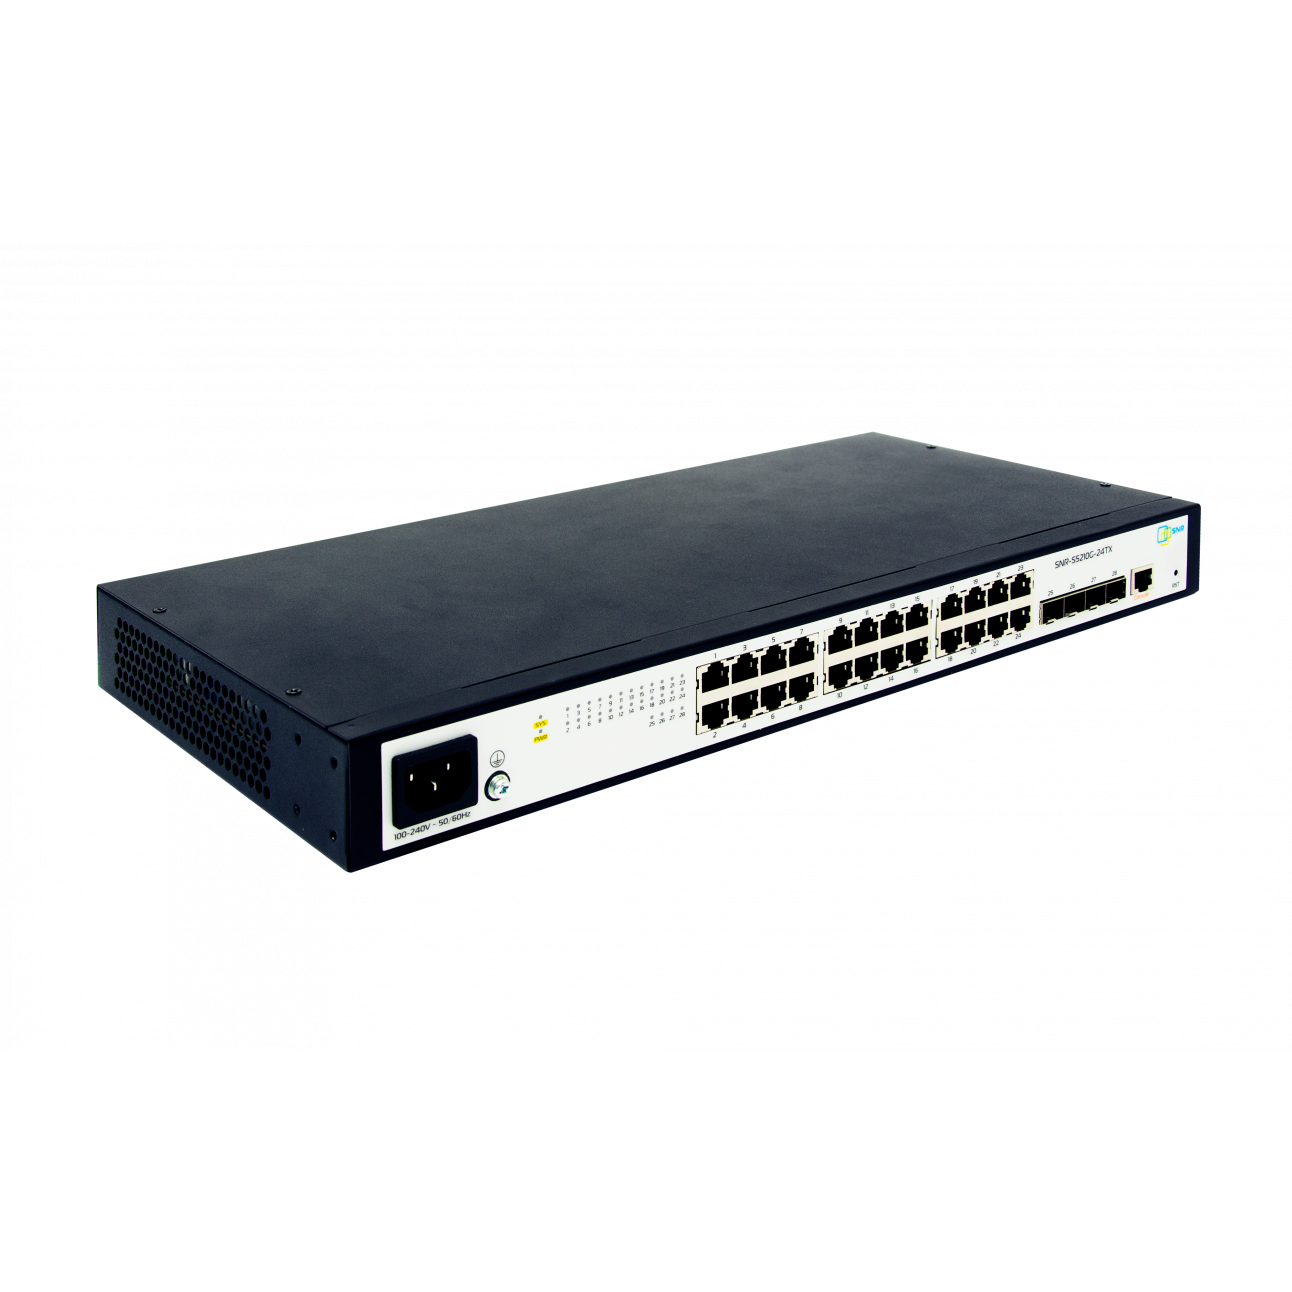 Управляемый коммутатор уровня 2 SNR-S5210G-24TX